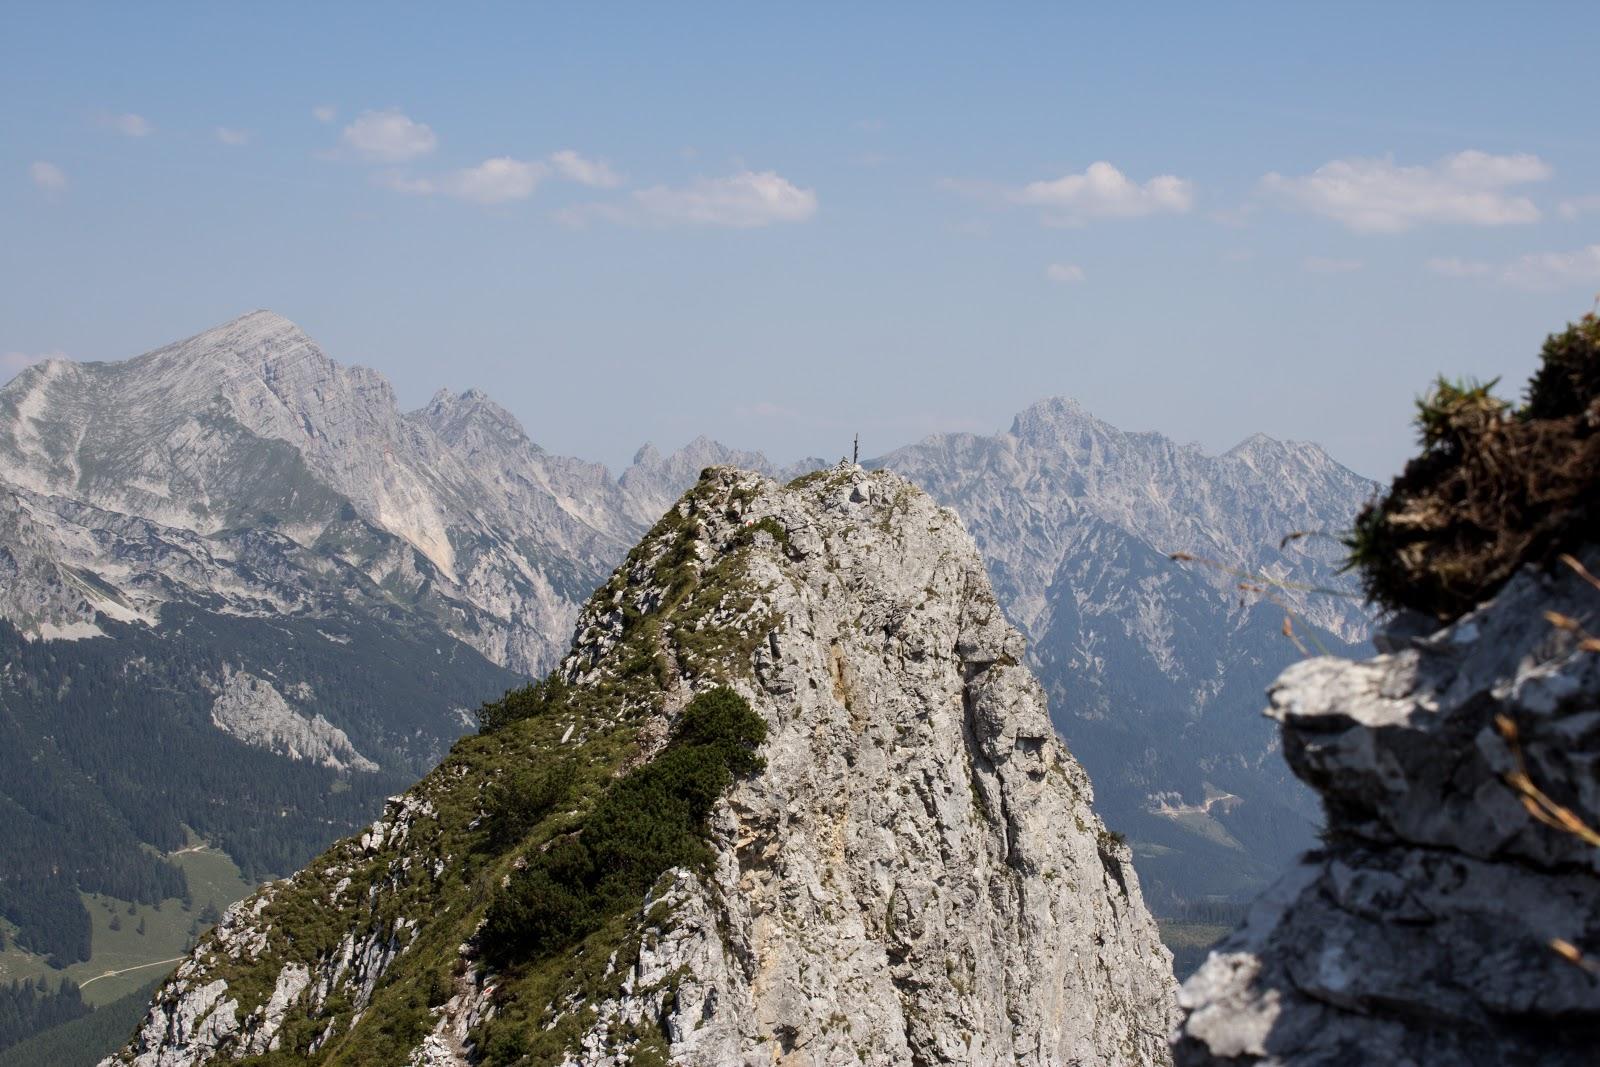 Von der Ardningeralmhütte über den Wildfrauensteig auf Frauenmauer, Bosruck und Kitzstein. - Blick auf die Frauenmauer